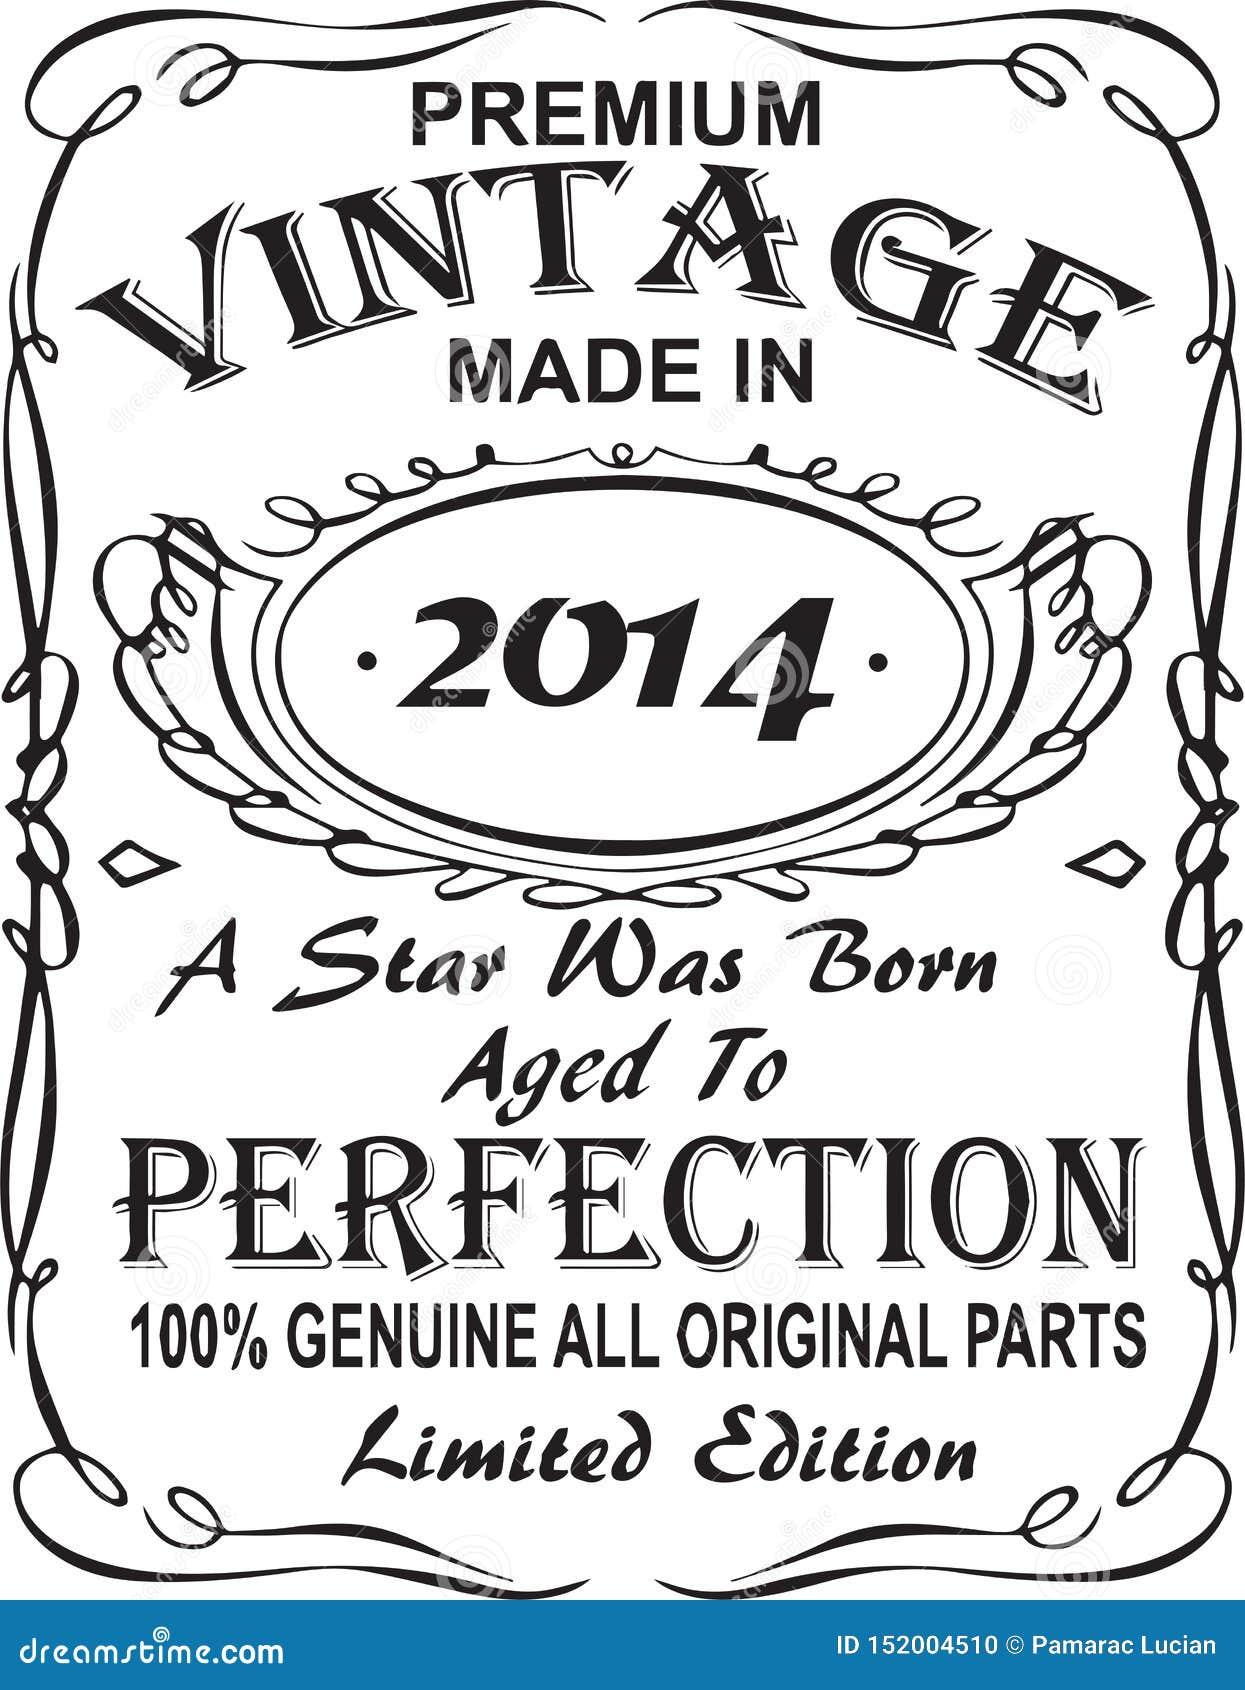 矢量T恤杉印刷品设计 优质葡萄酒在星出生的2014年做的变老了对完美100 真正所有原始的零件林